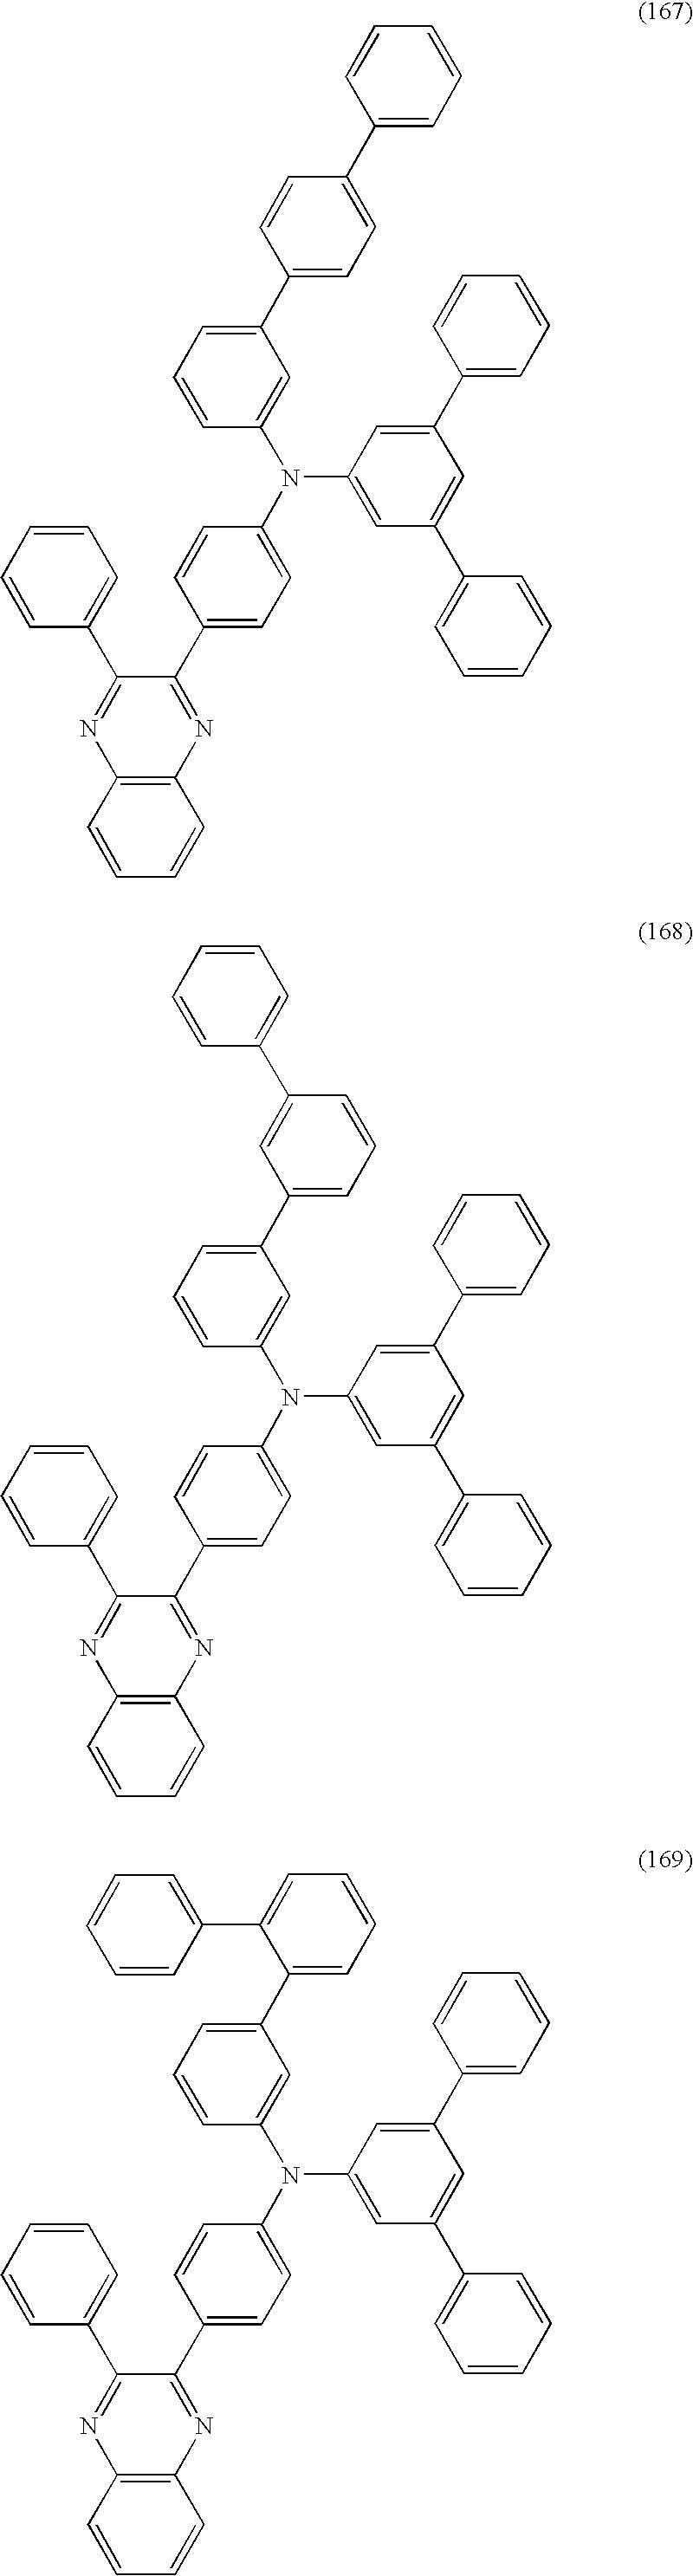 Figure US08178216-20120515-C00058